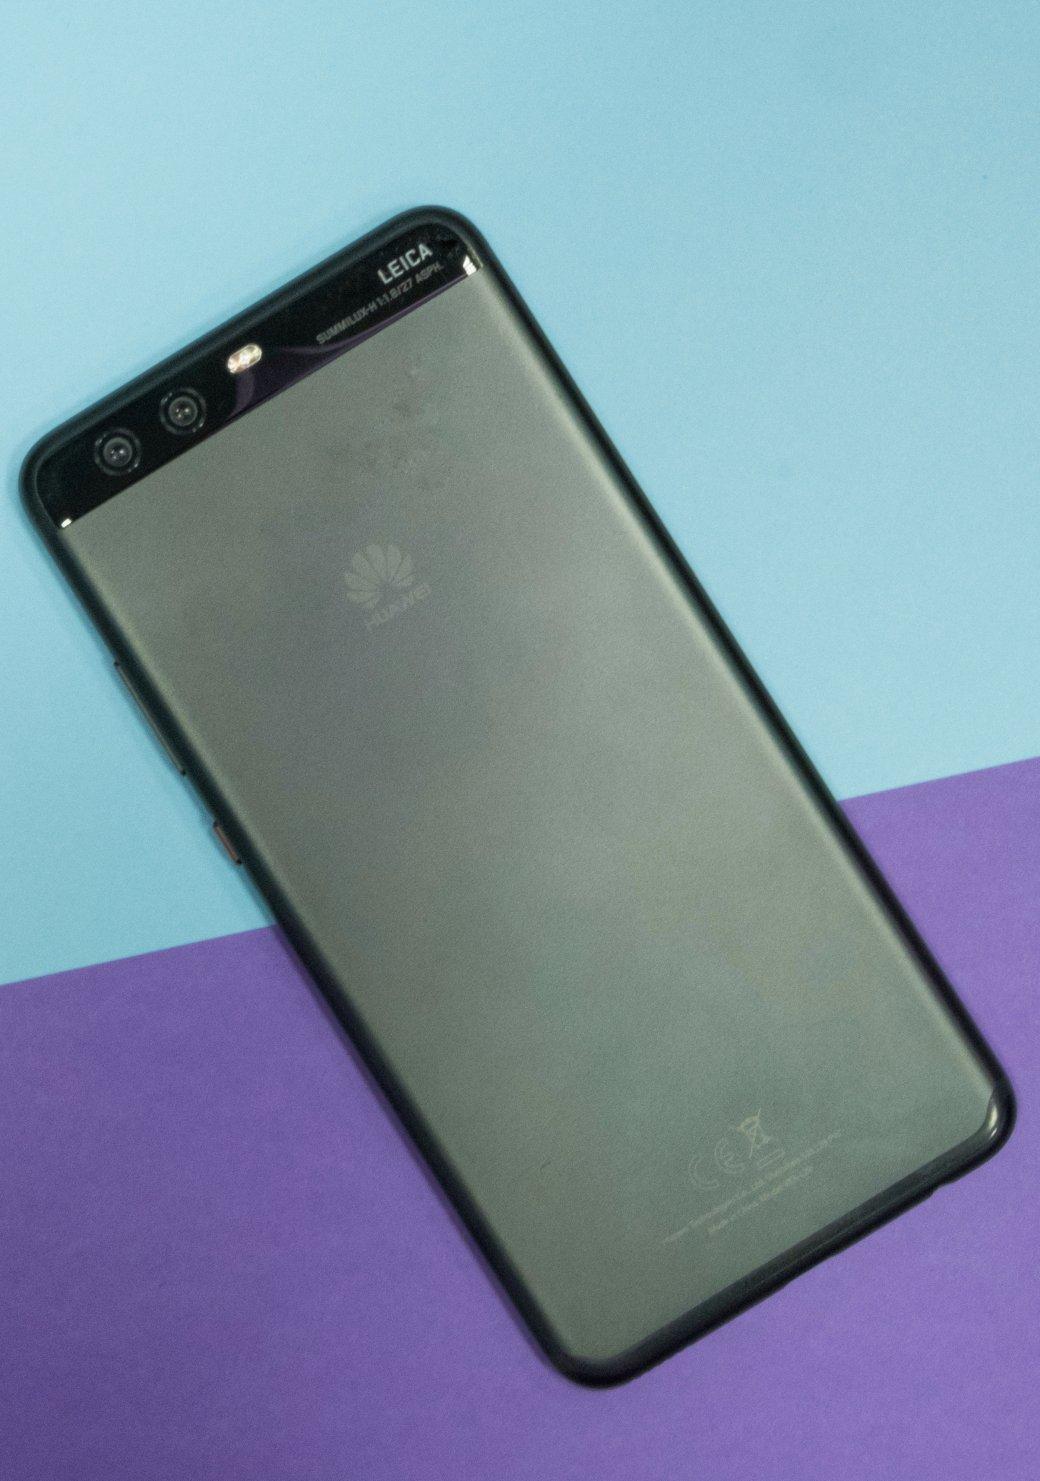 Обзор Huawei P10 Plus— достойный флагман, который зачем-то похож наiPhone. - Изображение 3